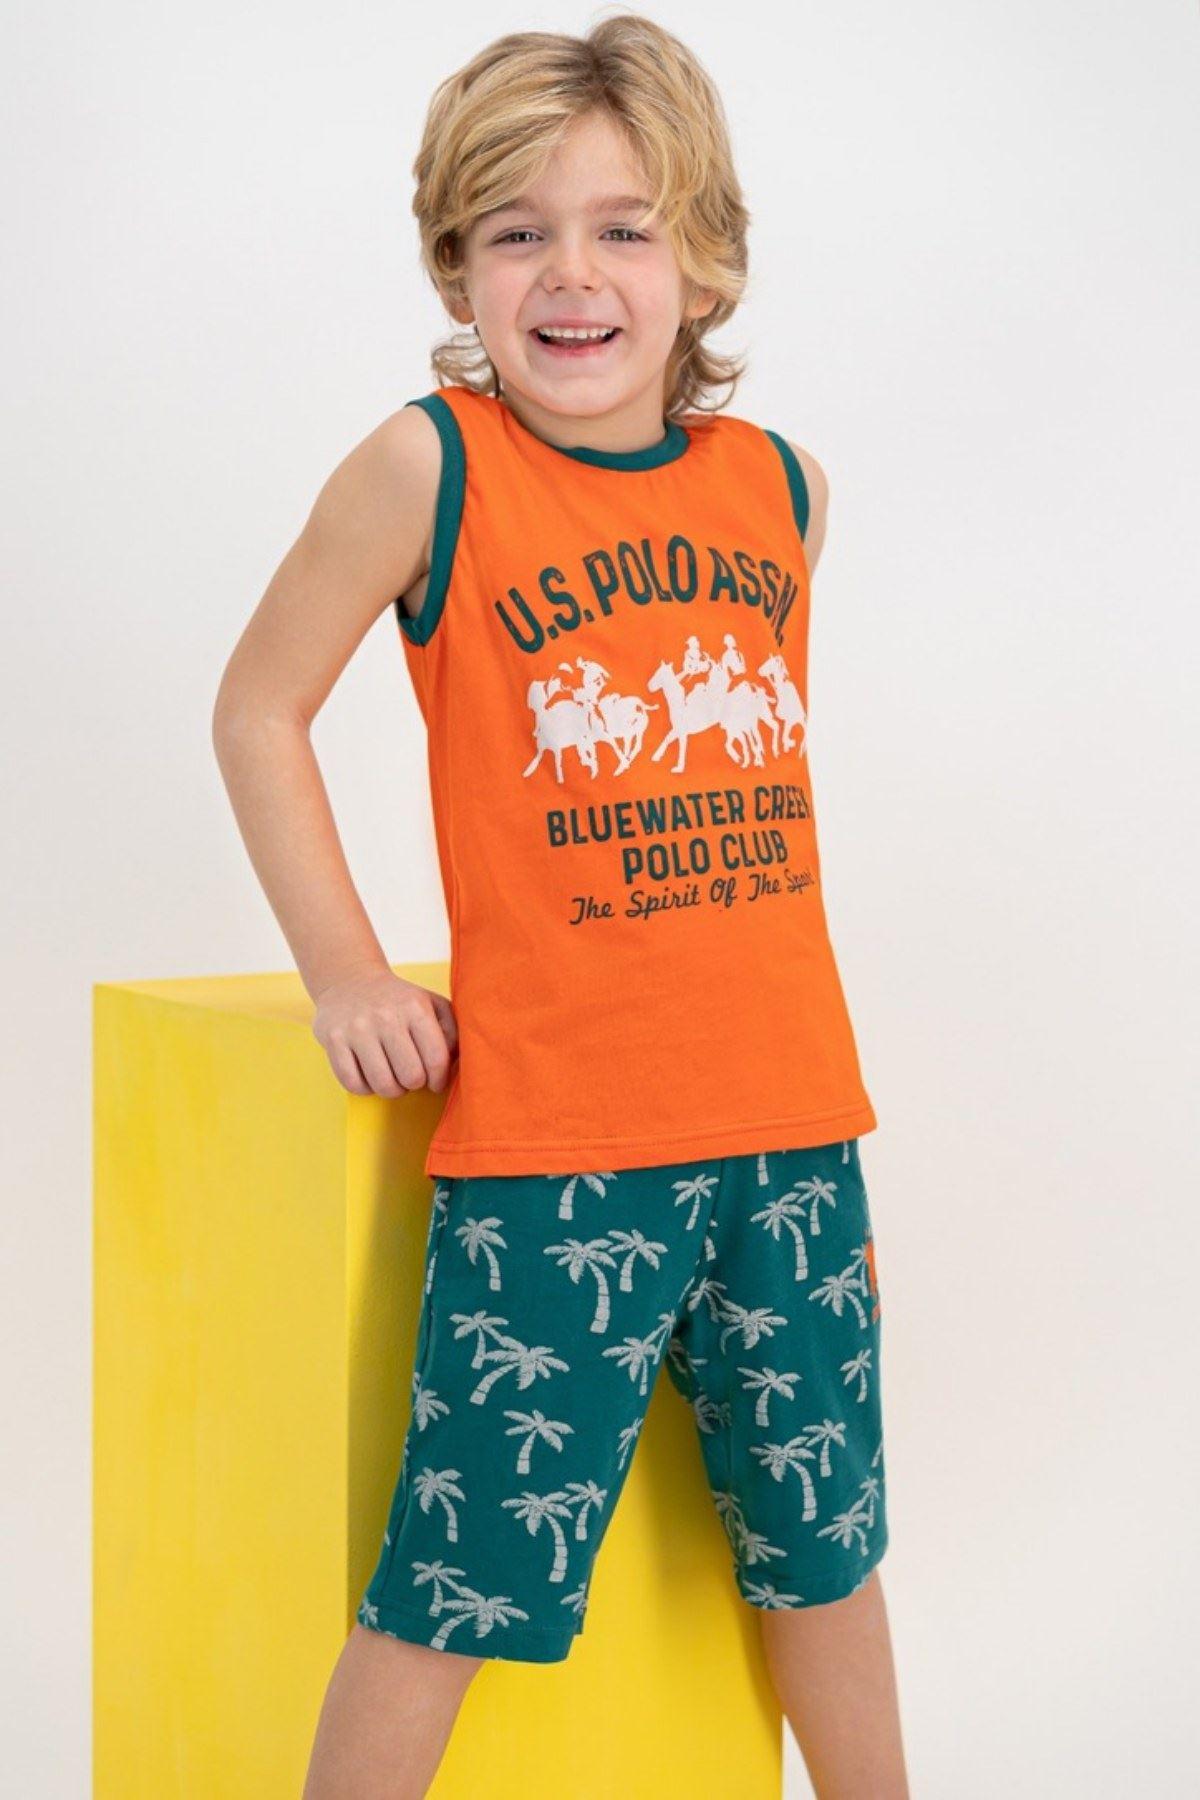 8-14 Yaş Us Polo ASSN Lisanslı Bluewater Turuncu Erkek Çocuk Takım